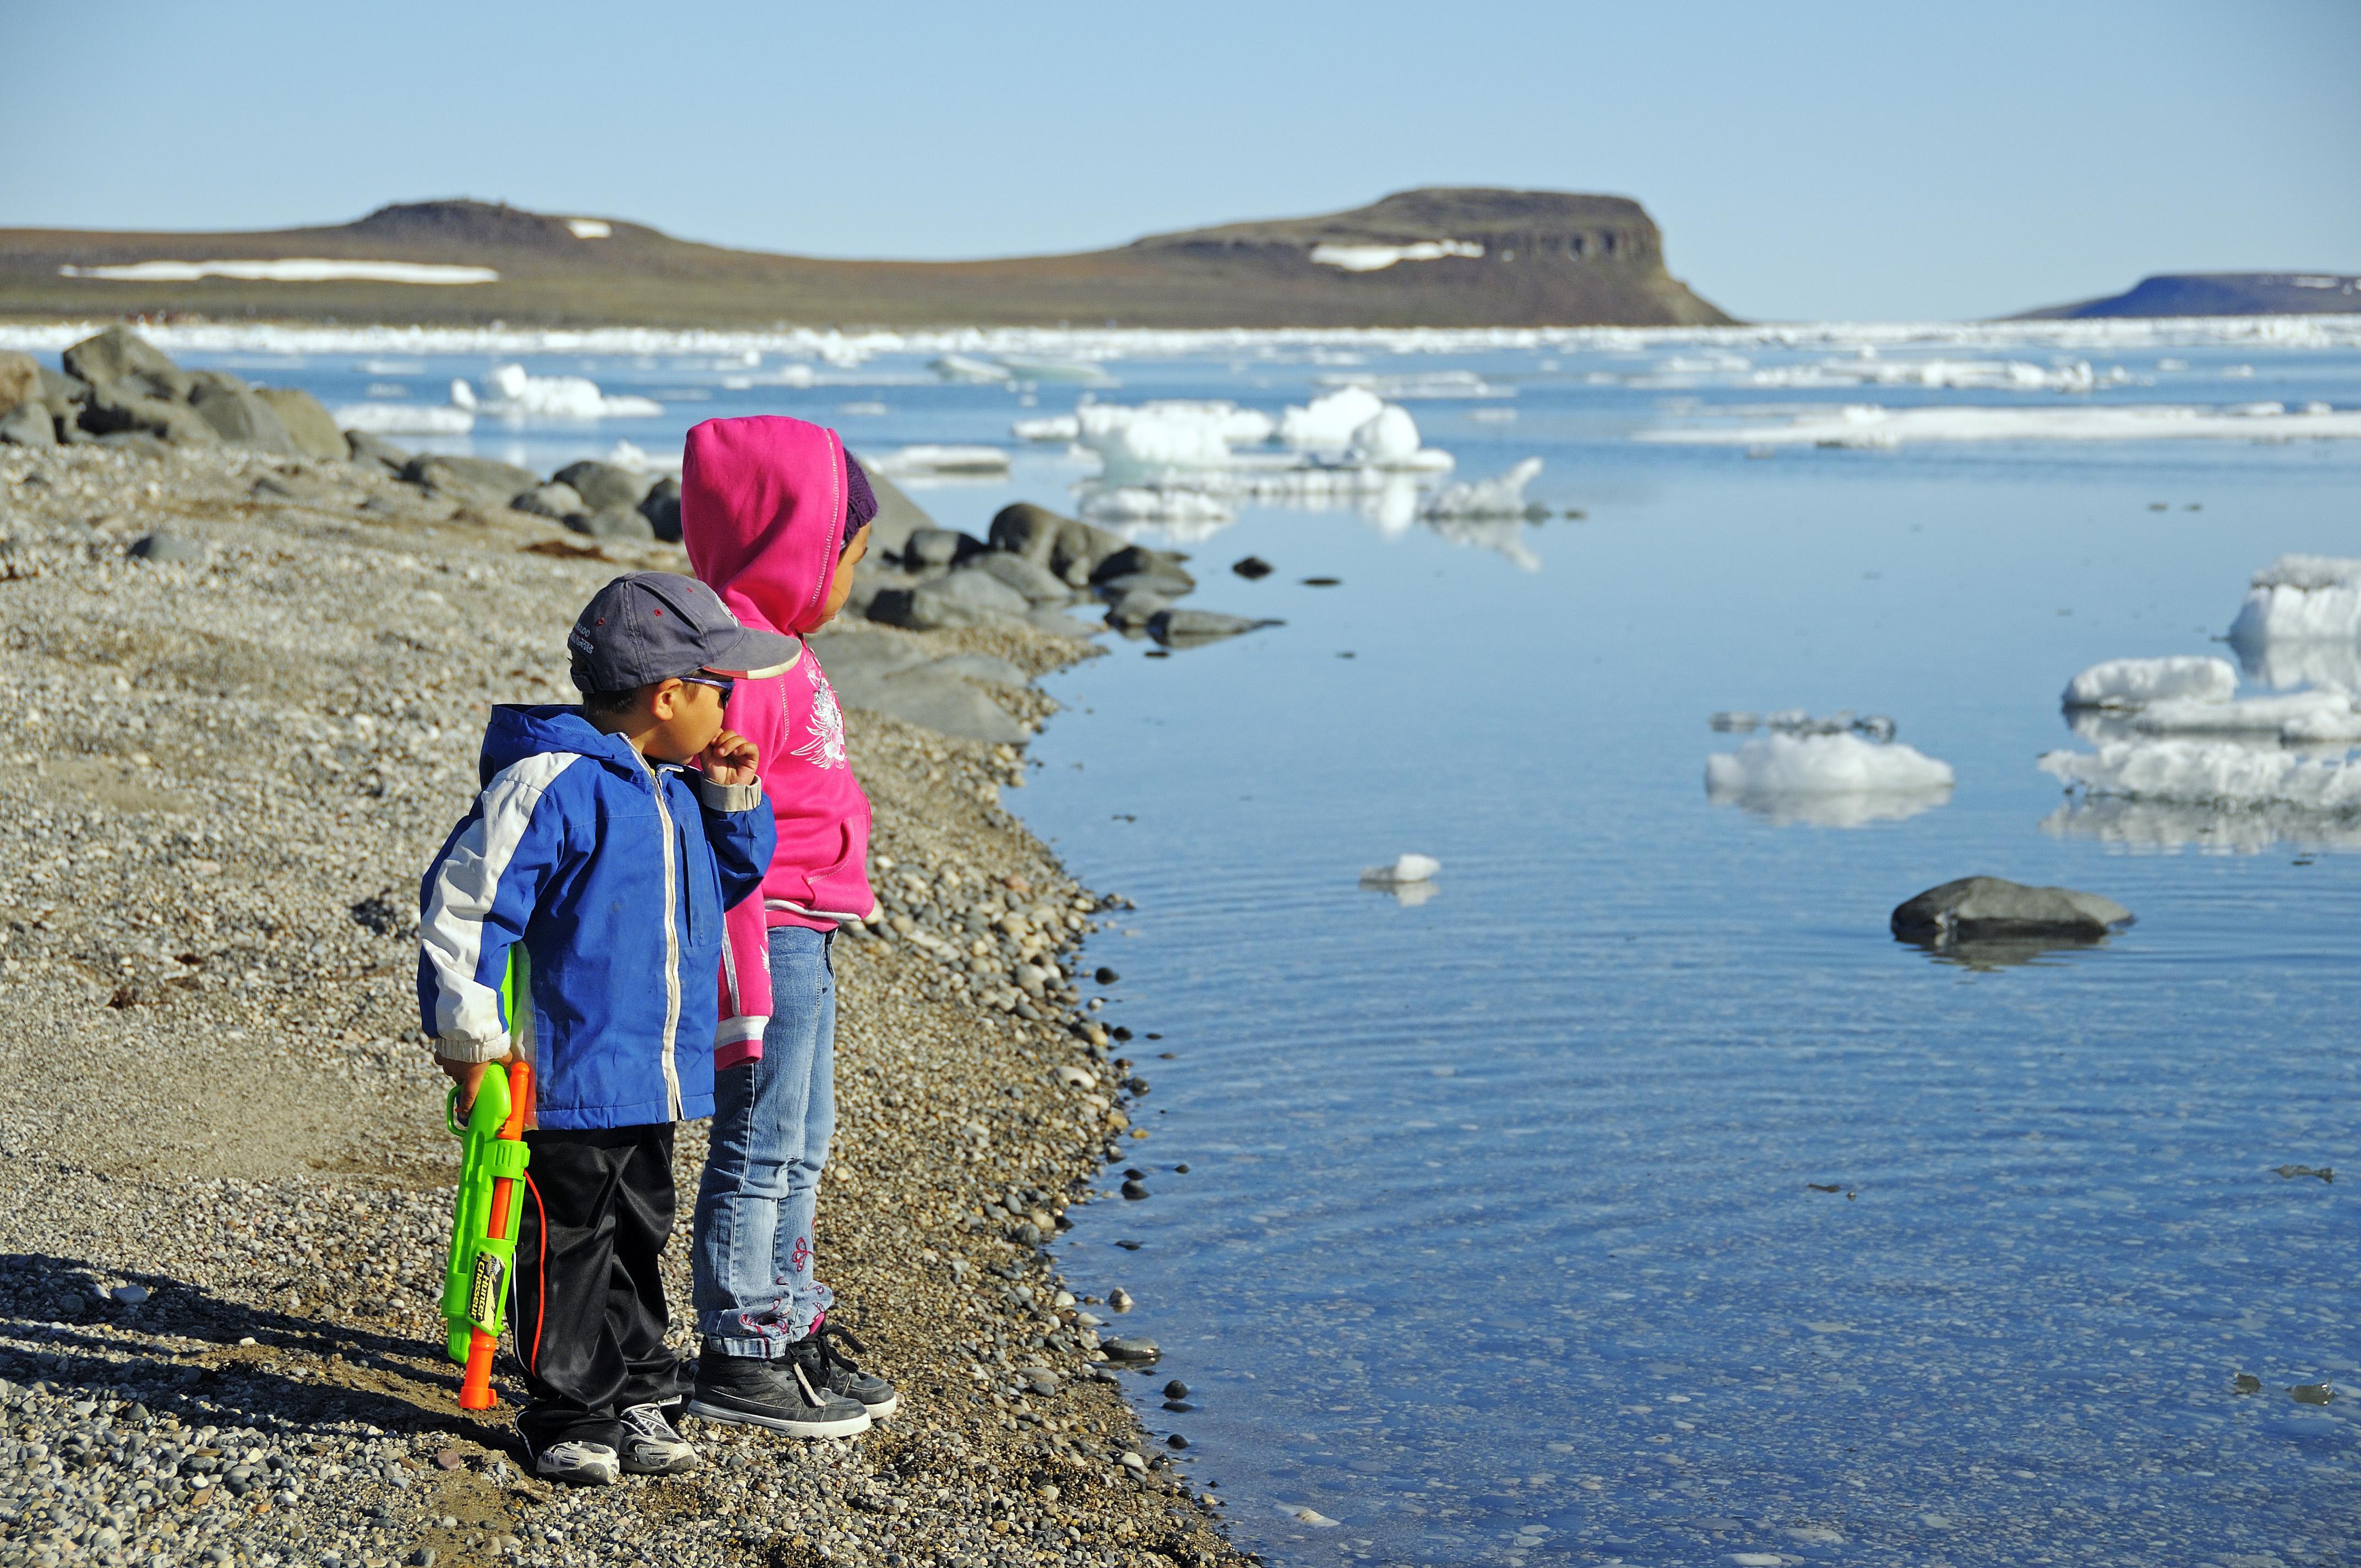 Kinder vom Volk der Inuit stehen am Ufer der Beaufort Sea, Nordpolarmeer, Victoria Island (vorher Holman Island), Dorf Ulukhaktok, Northwest Territories, Kanada, Amerika